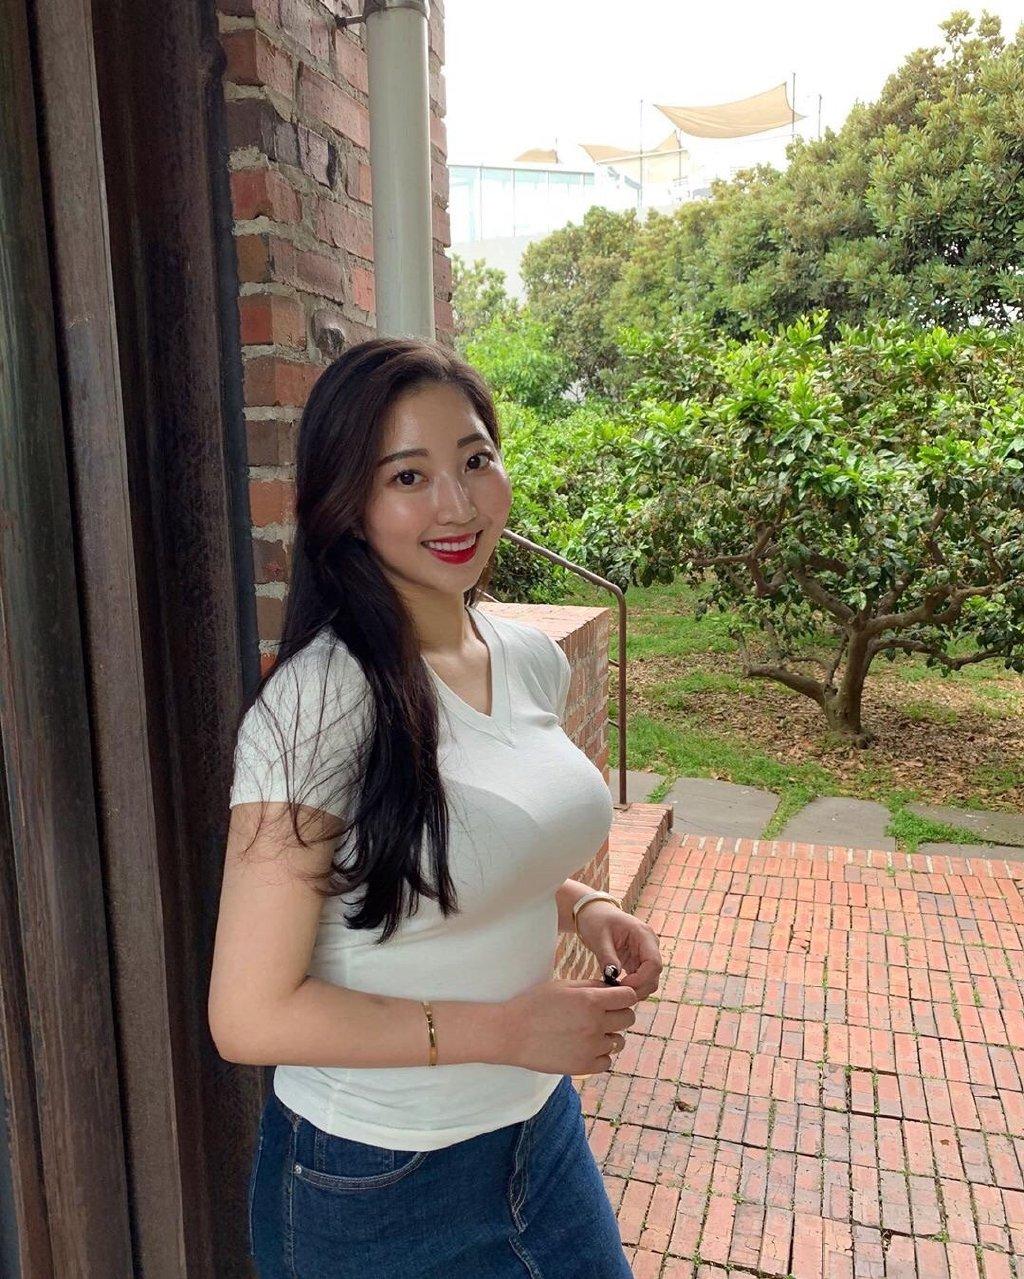 「朴善宇」INS:parkssunwoo.com 微胖界的女神呀!